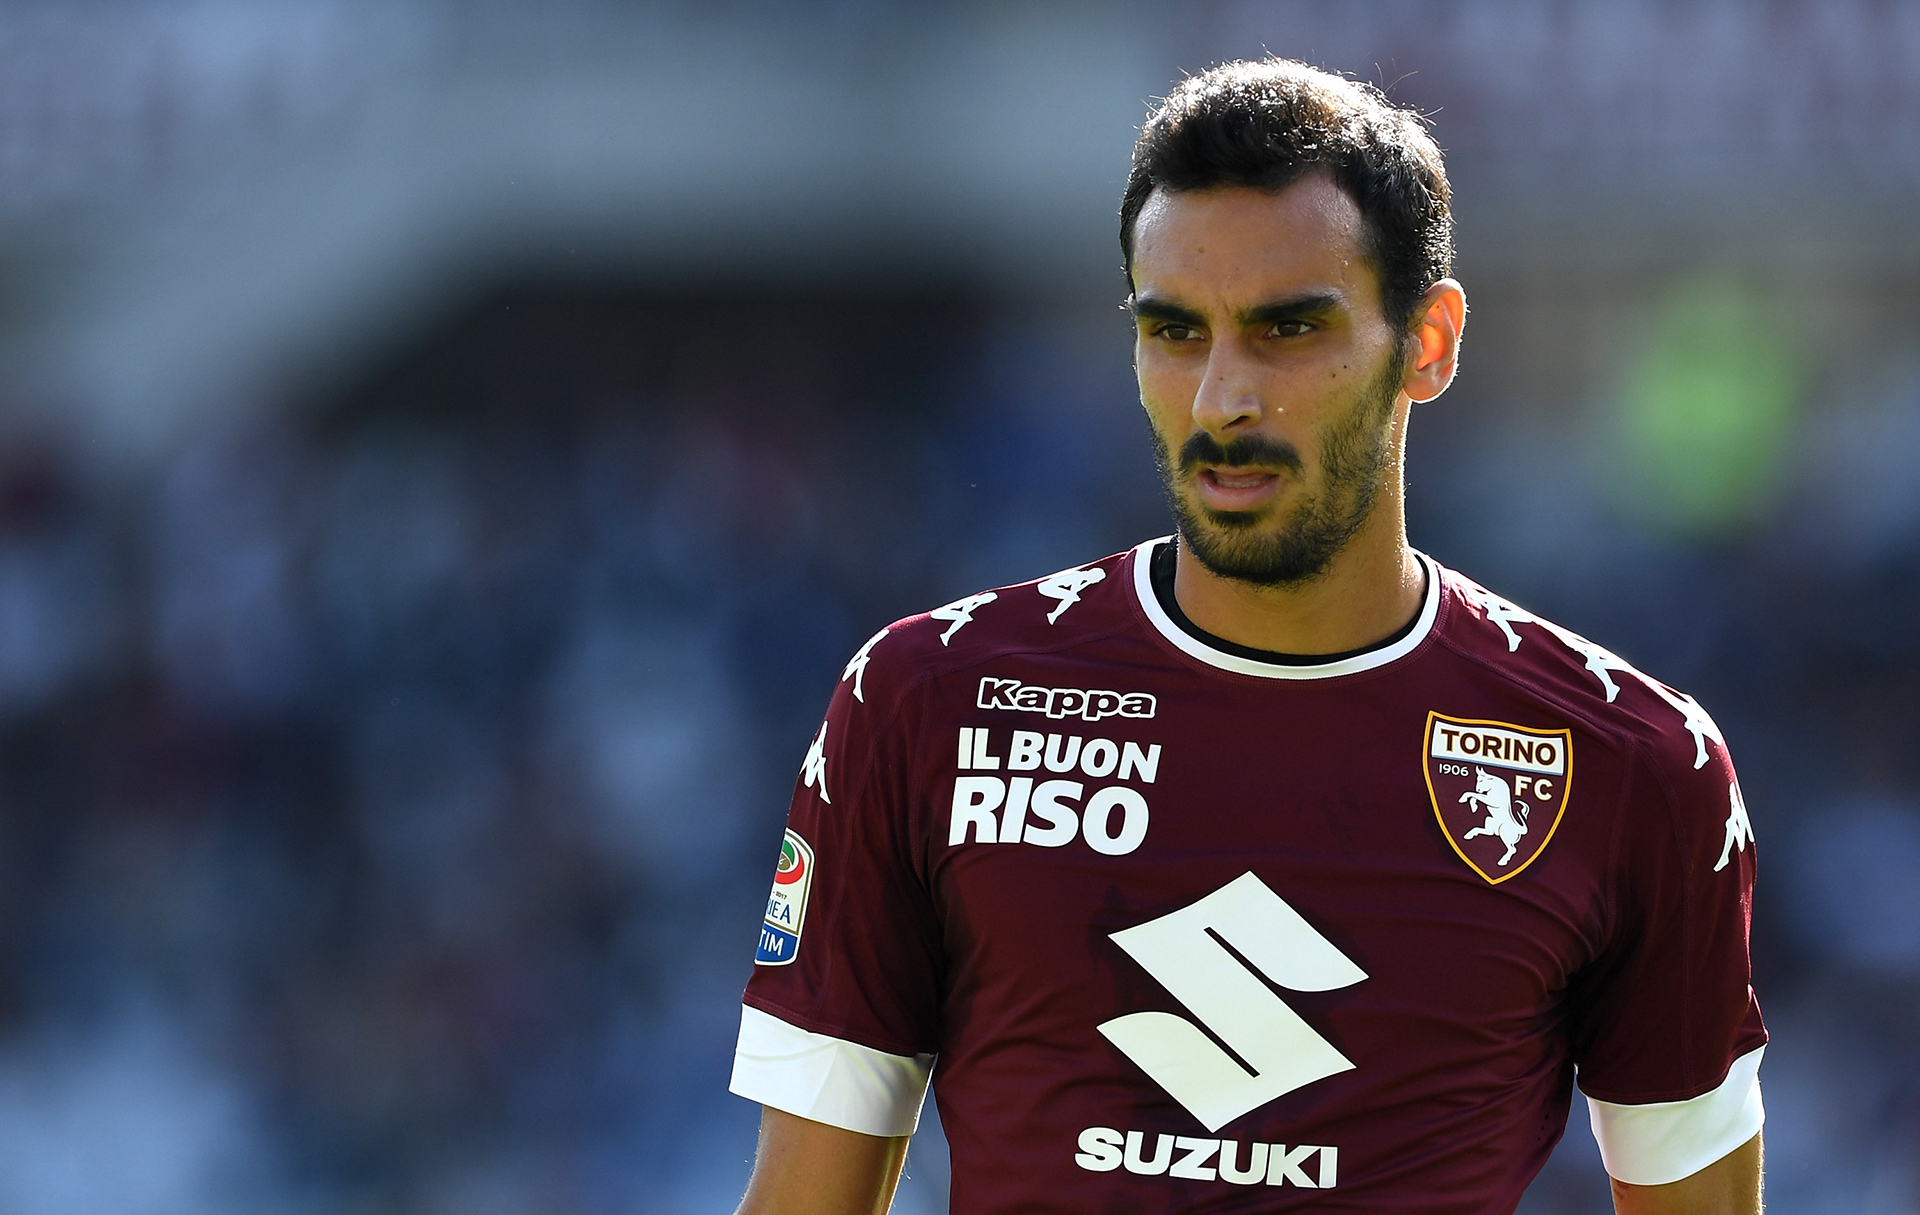 Mercato Torino, Zappacosta al Chelsea. Ansaldi è il sostituto